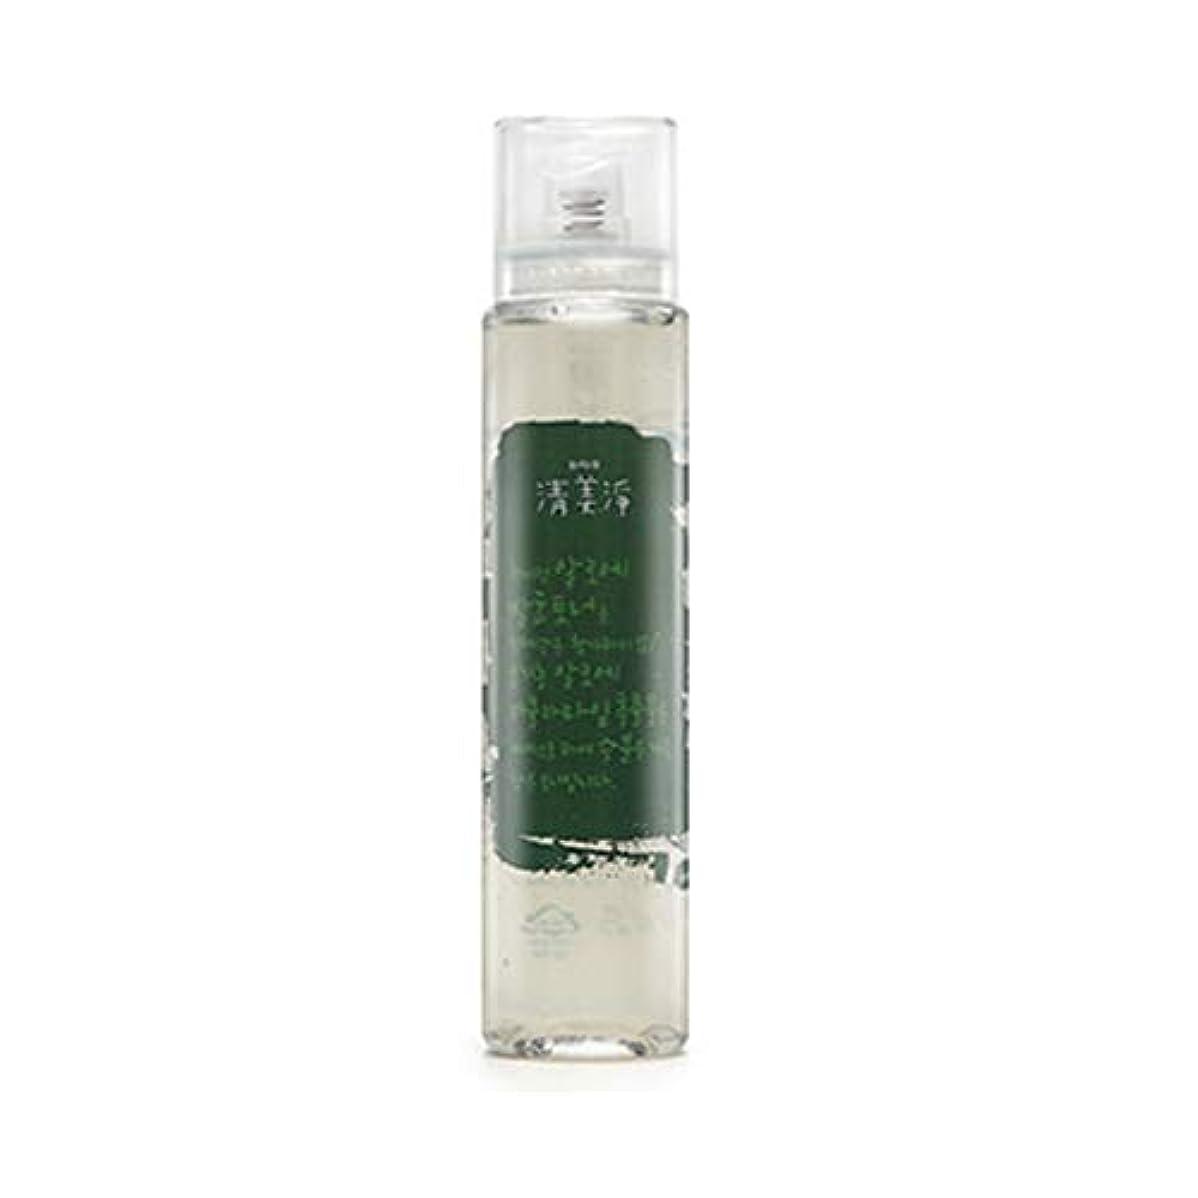 返還設計それに応じて[ChungMiJung] 清美浄(チョンミジョン) アロエ発酵トナー 140ml Aloe Fermentation Toner - 98% Organic Faicial Toner Skin Refresher Korean...